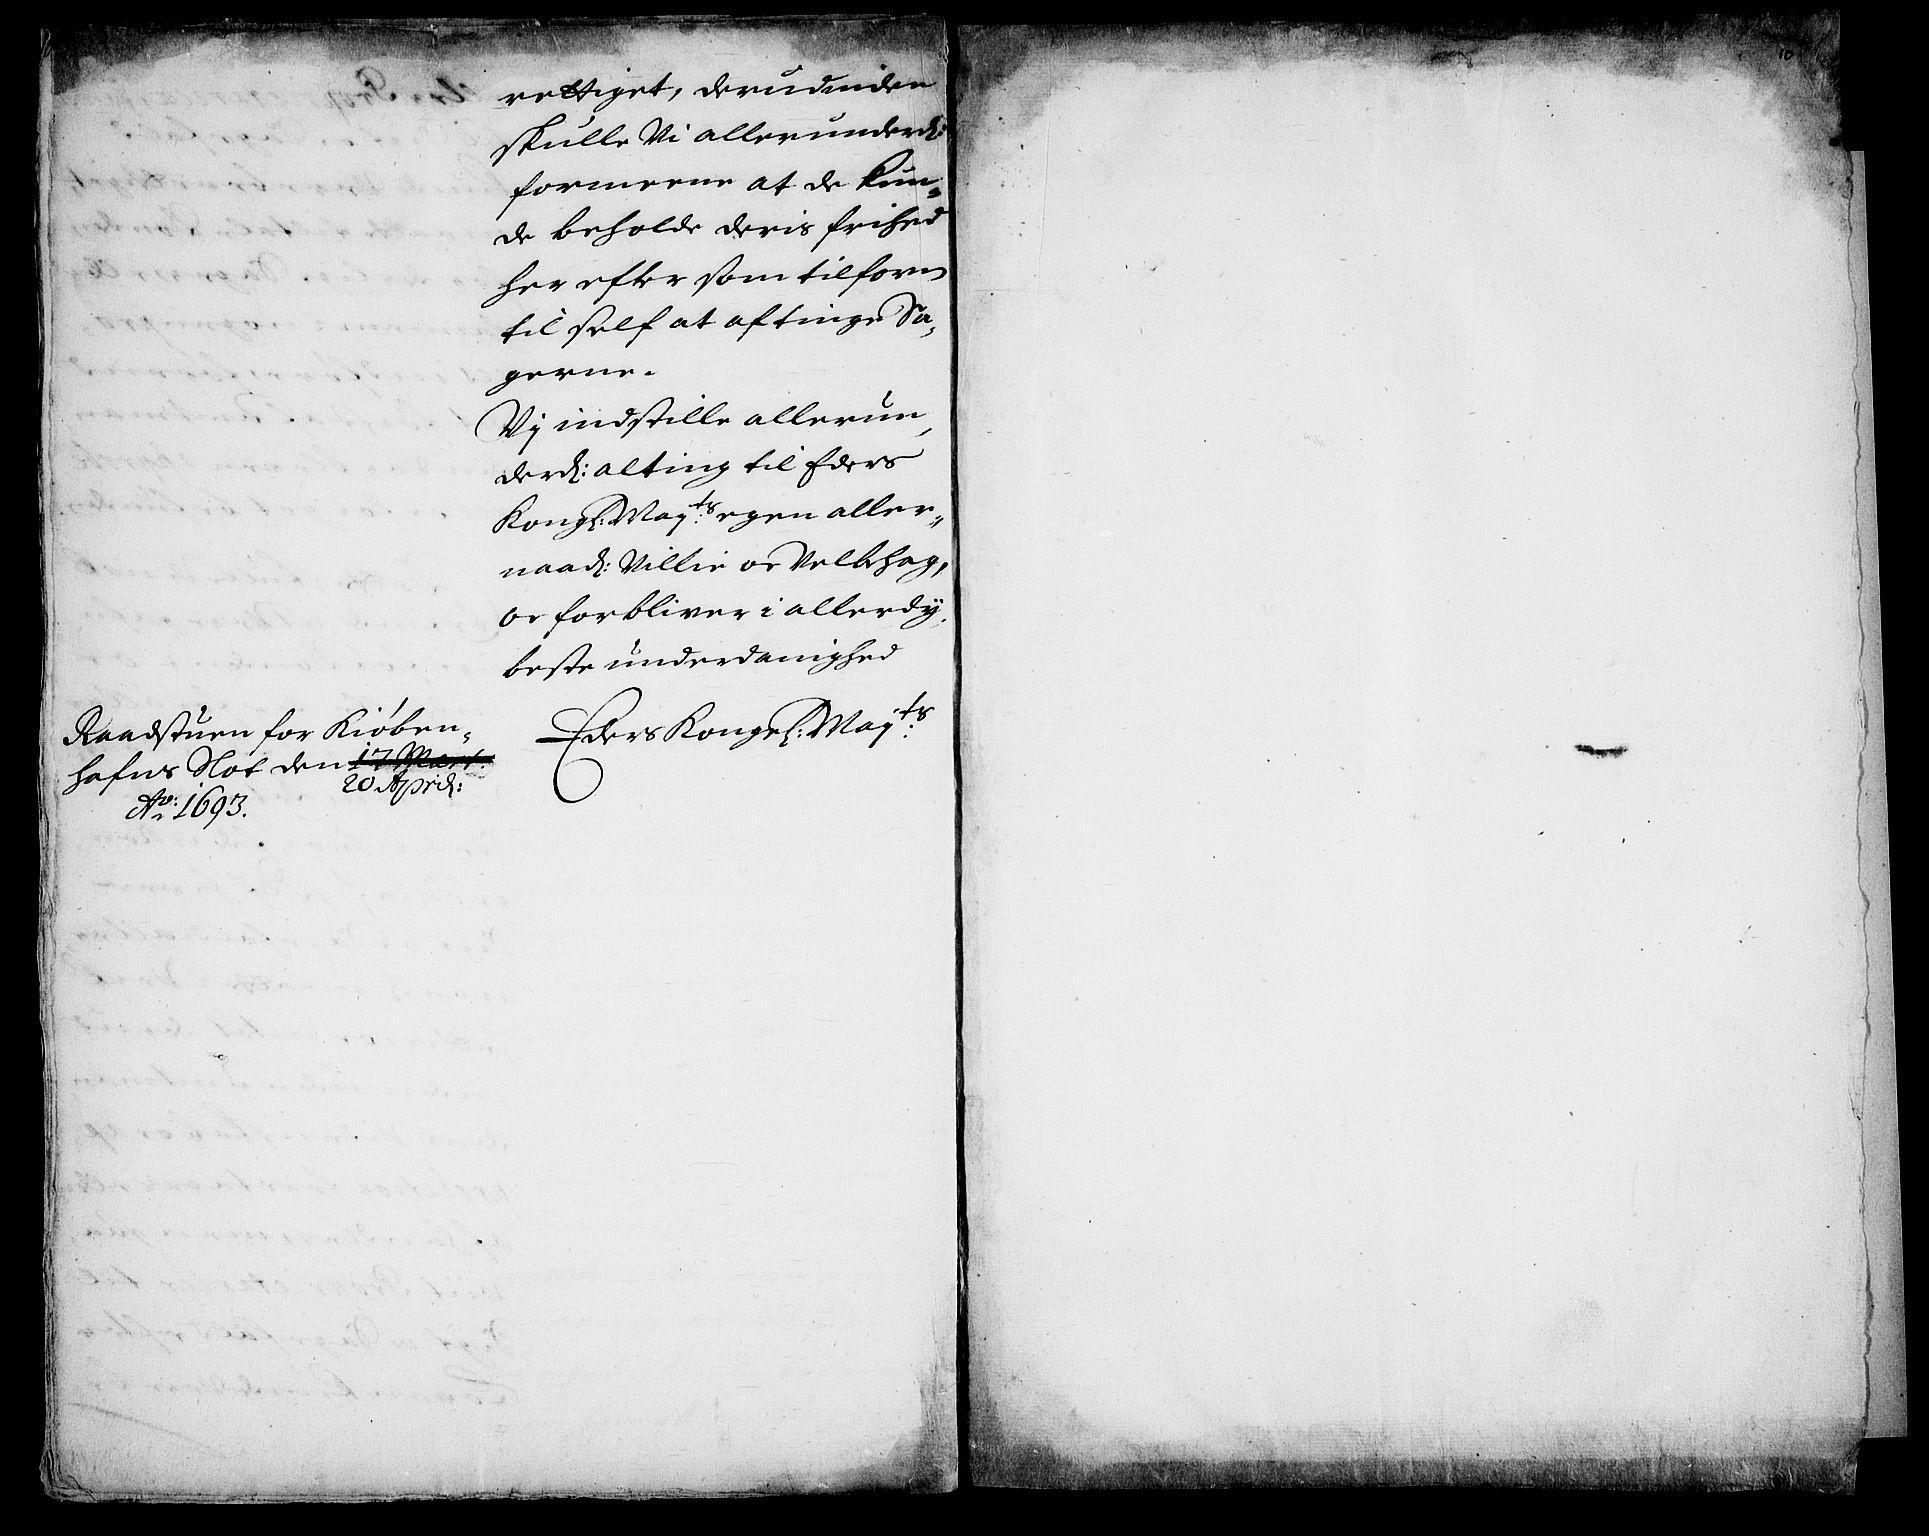 RA, Danske Kanselli, Skapsaker, G/L0019: Tillegg til skapsakene, 1616-1753, s. 283